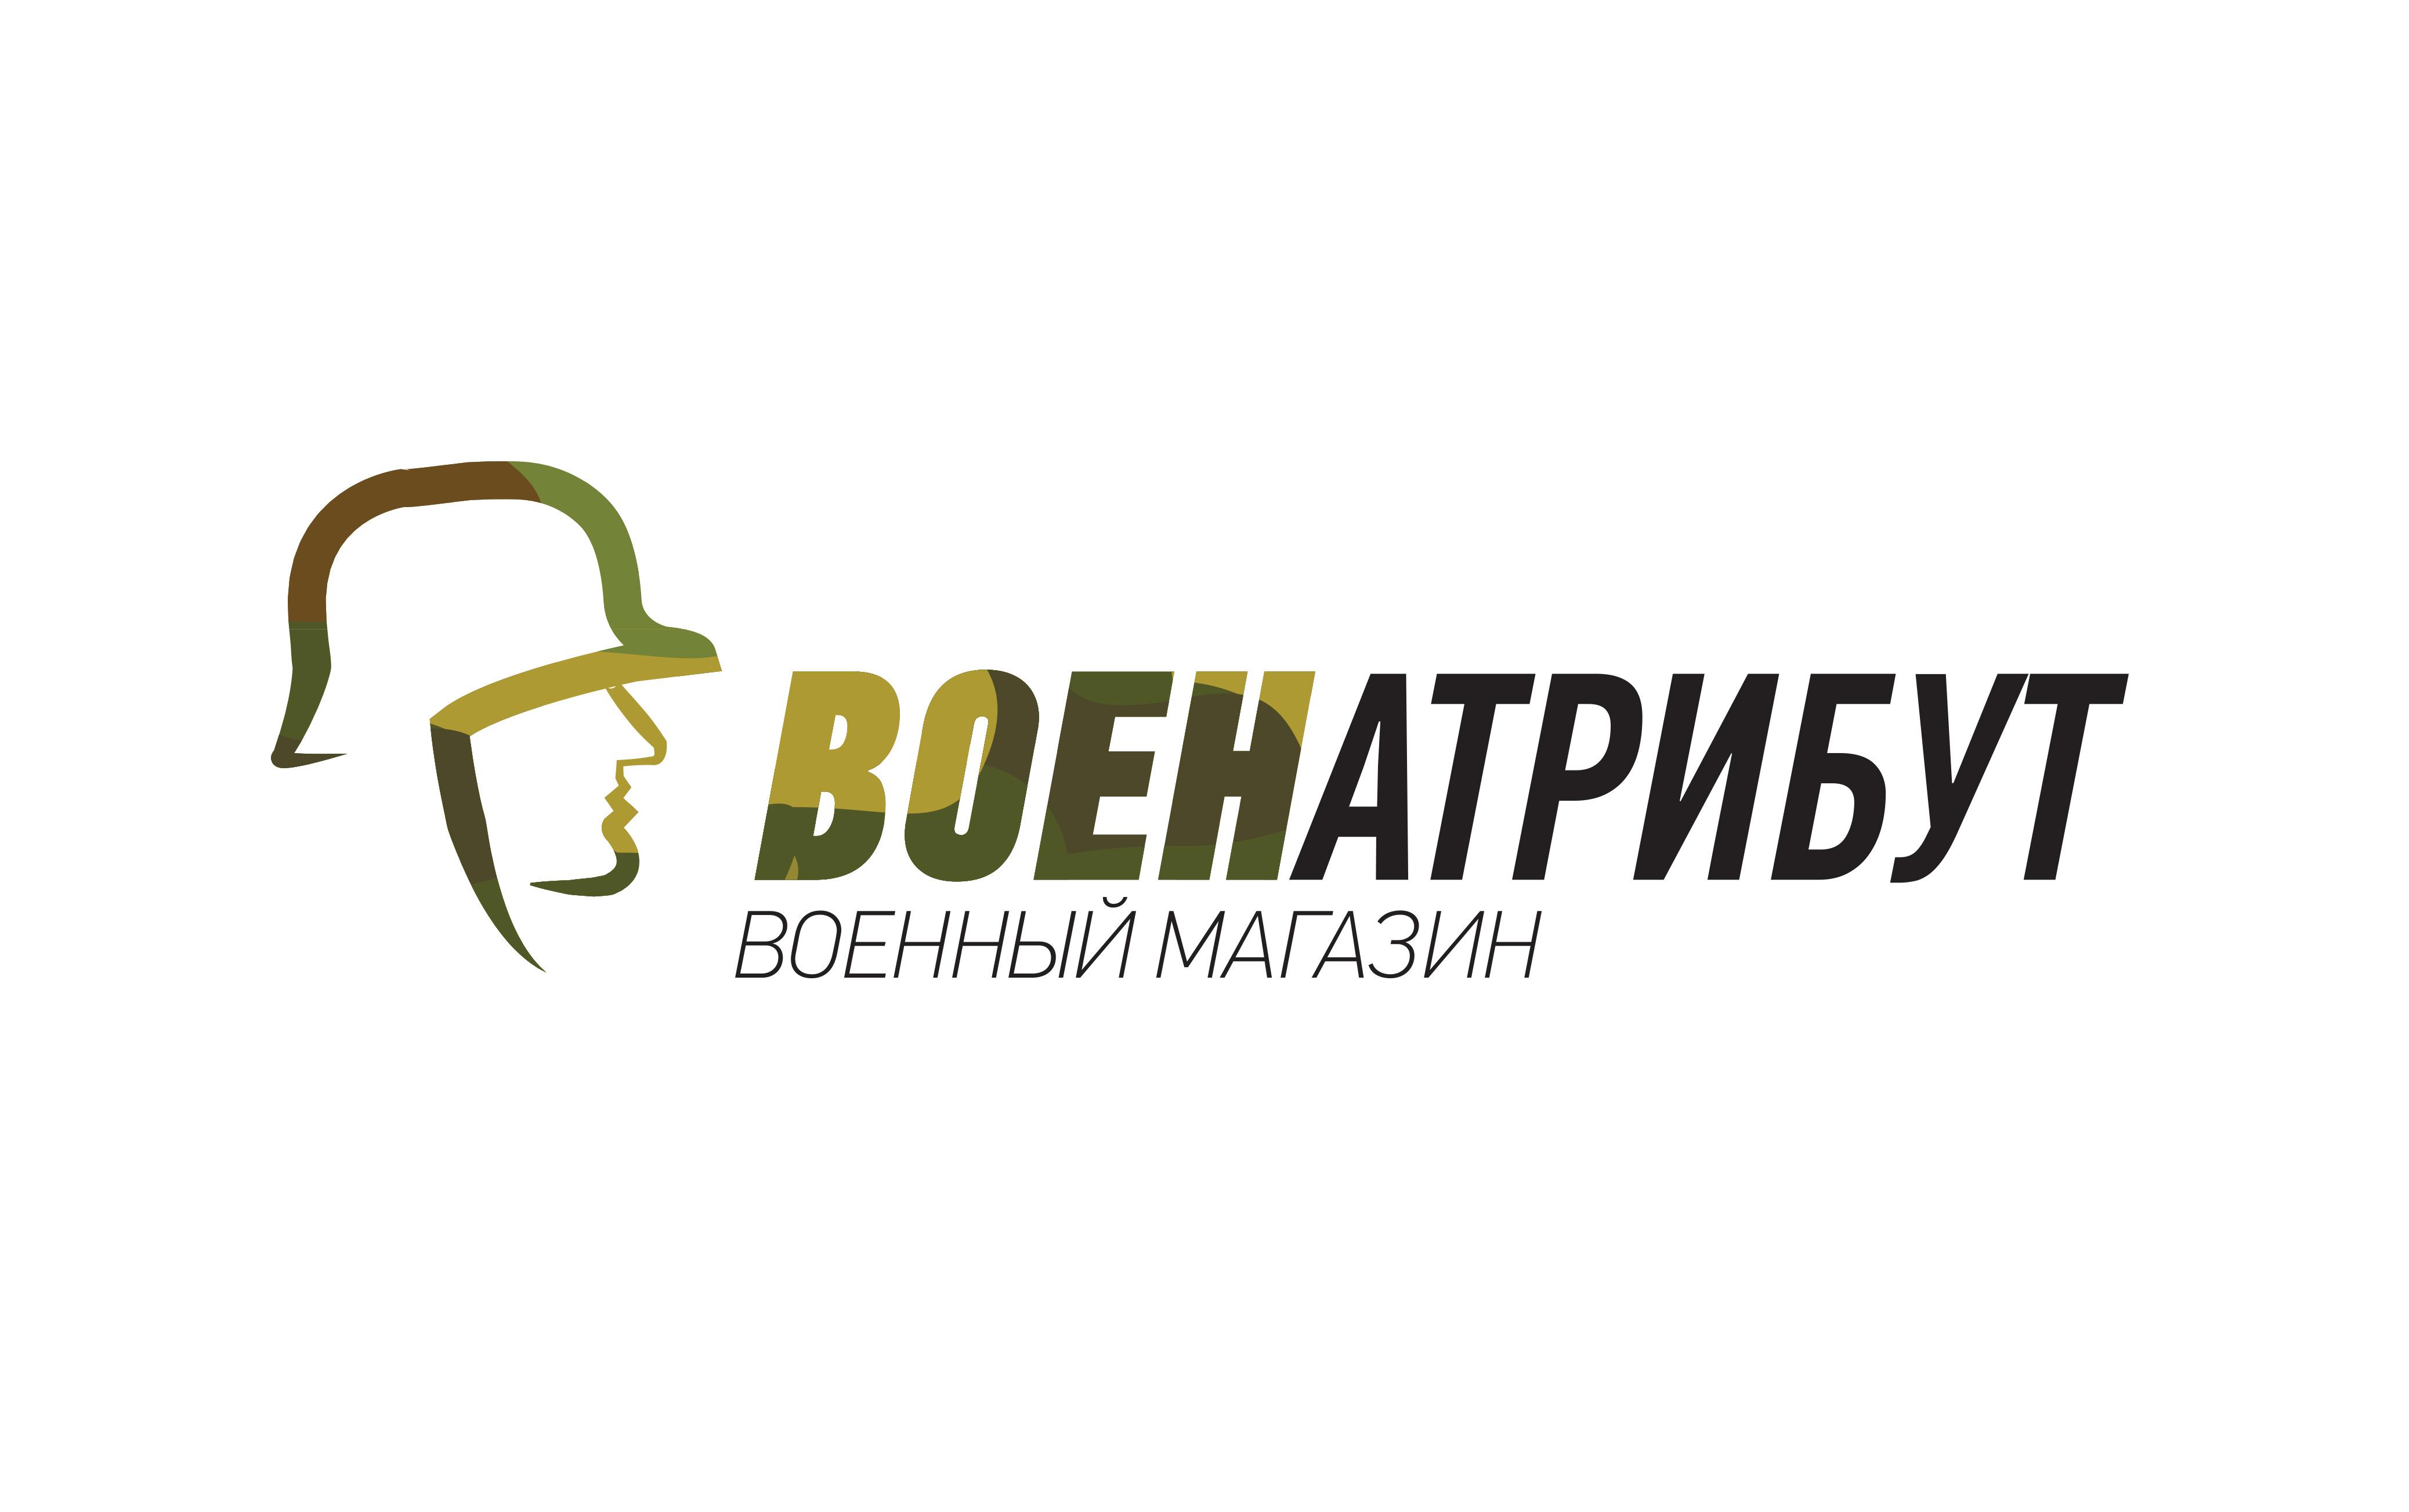 Разработка логотипа для компании военной тематики фото f_457601db0949c997.jpg